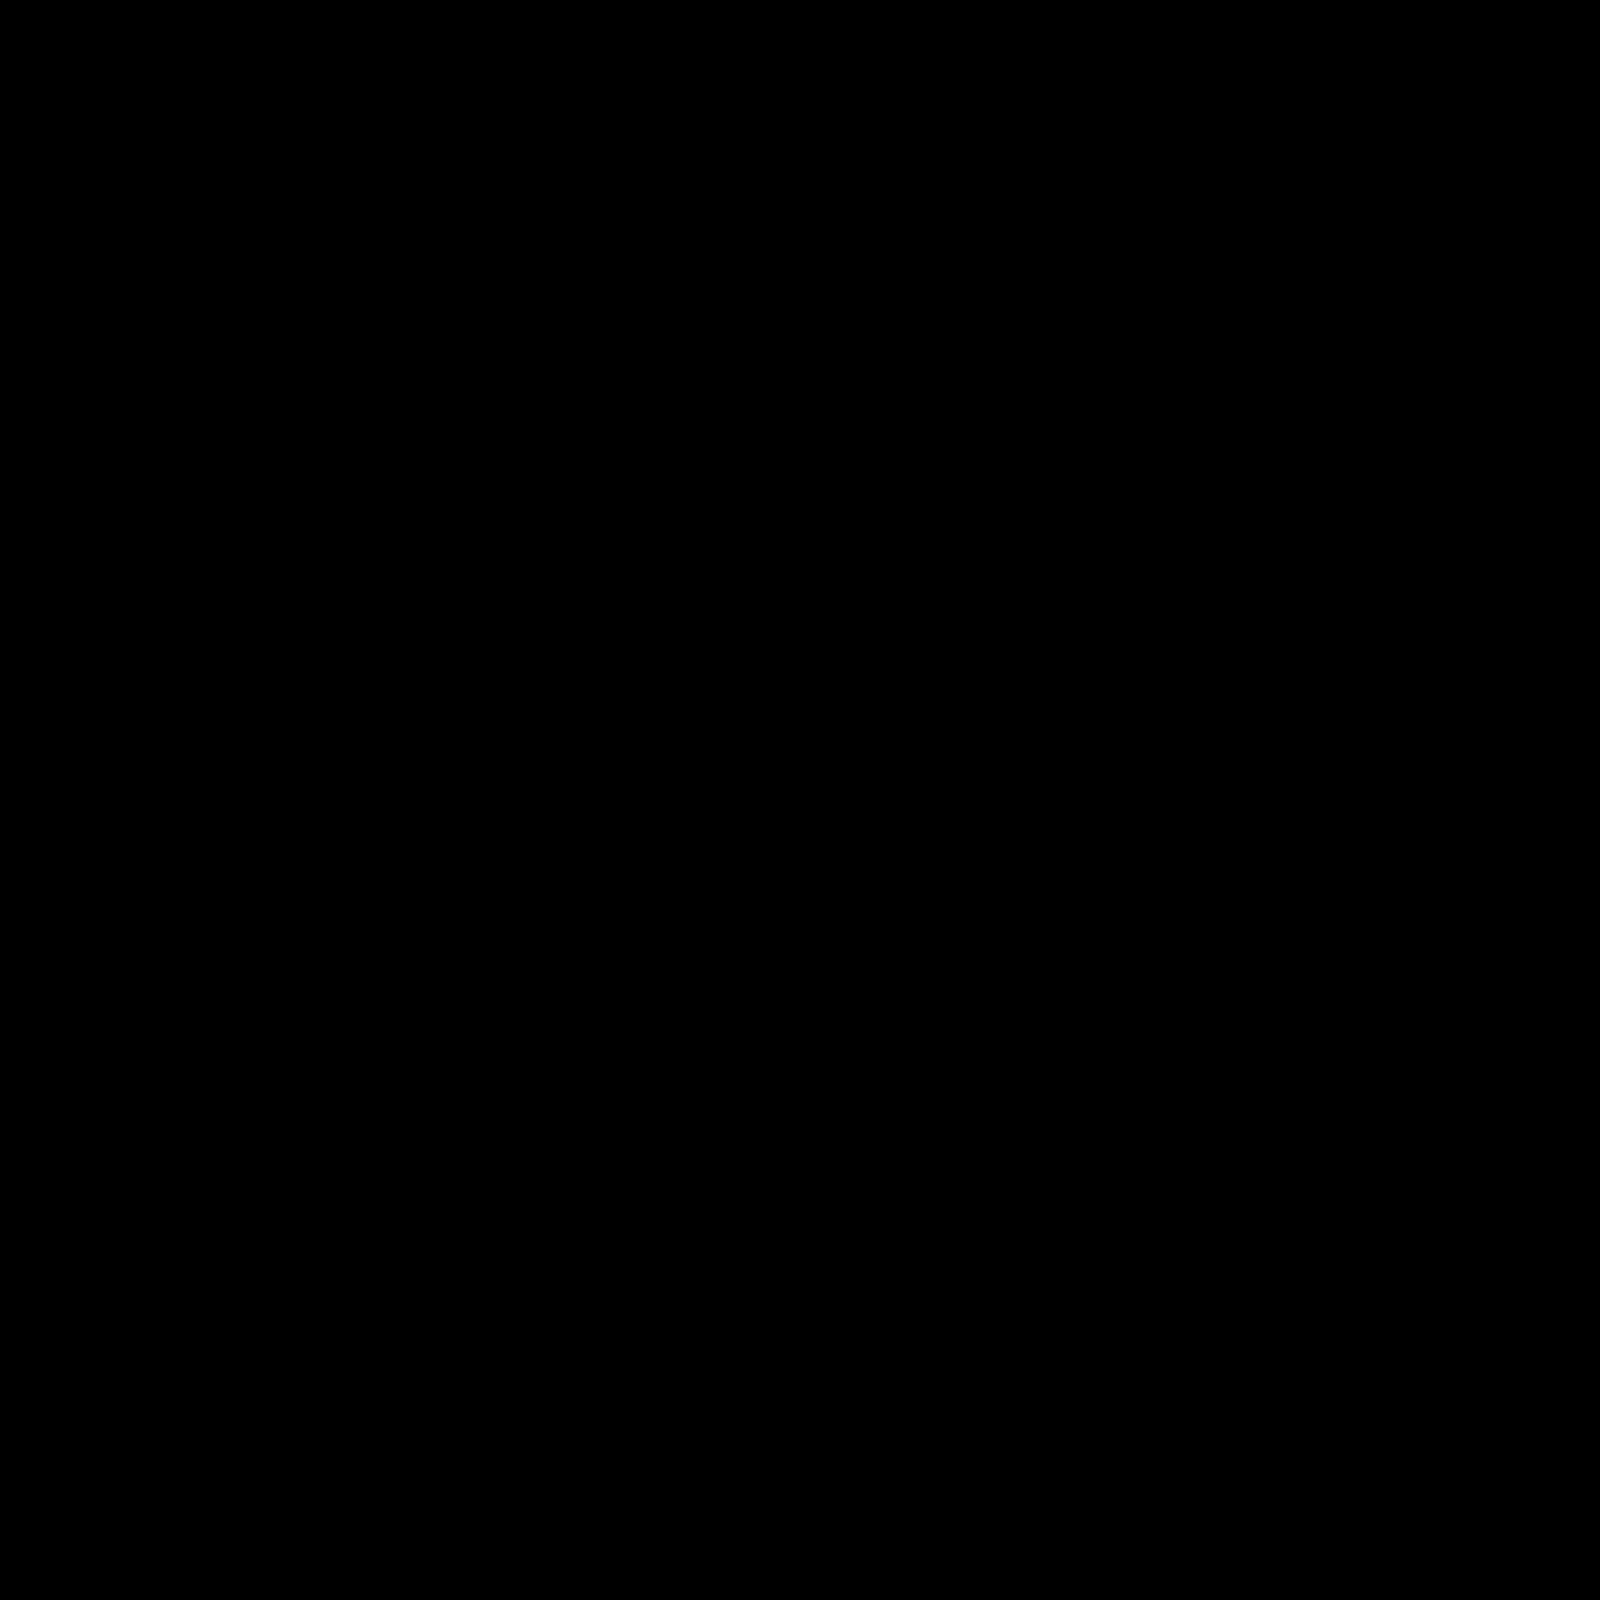 0  в закрашенном квадрате icon